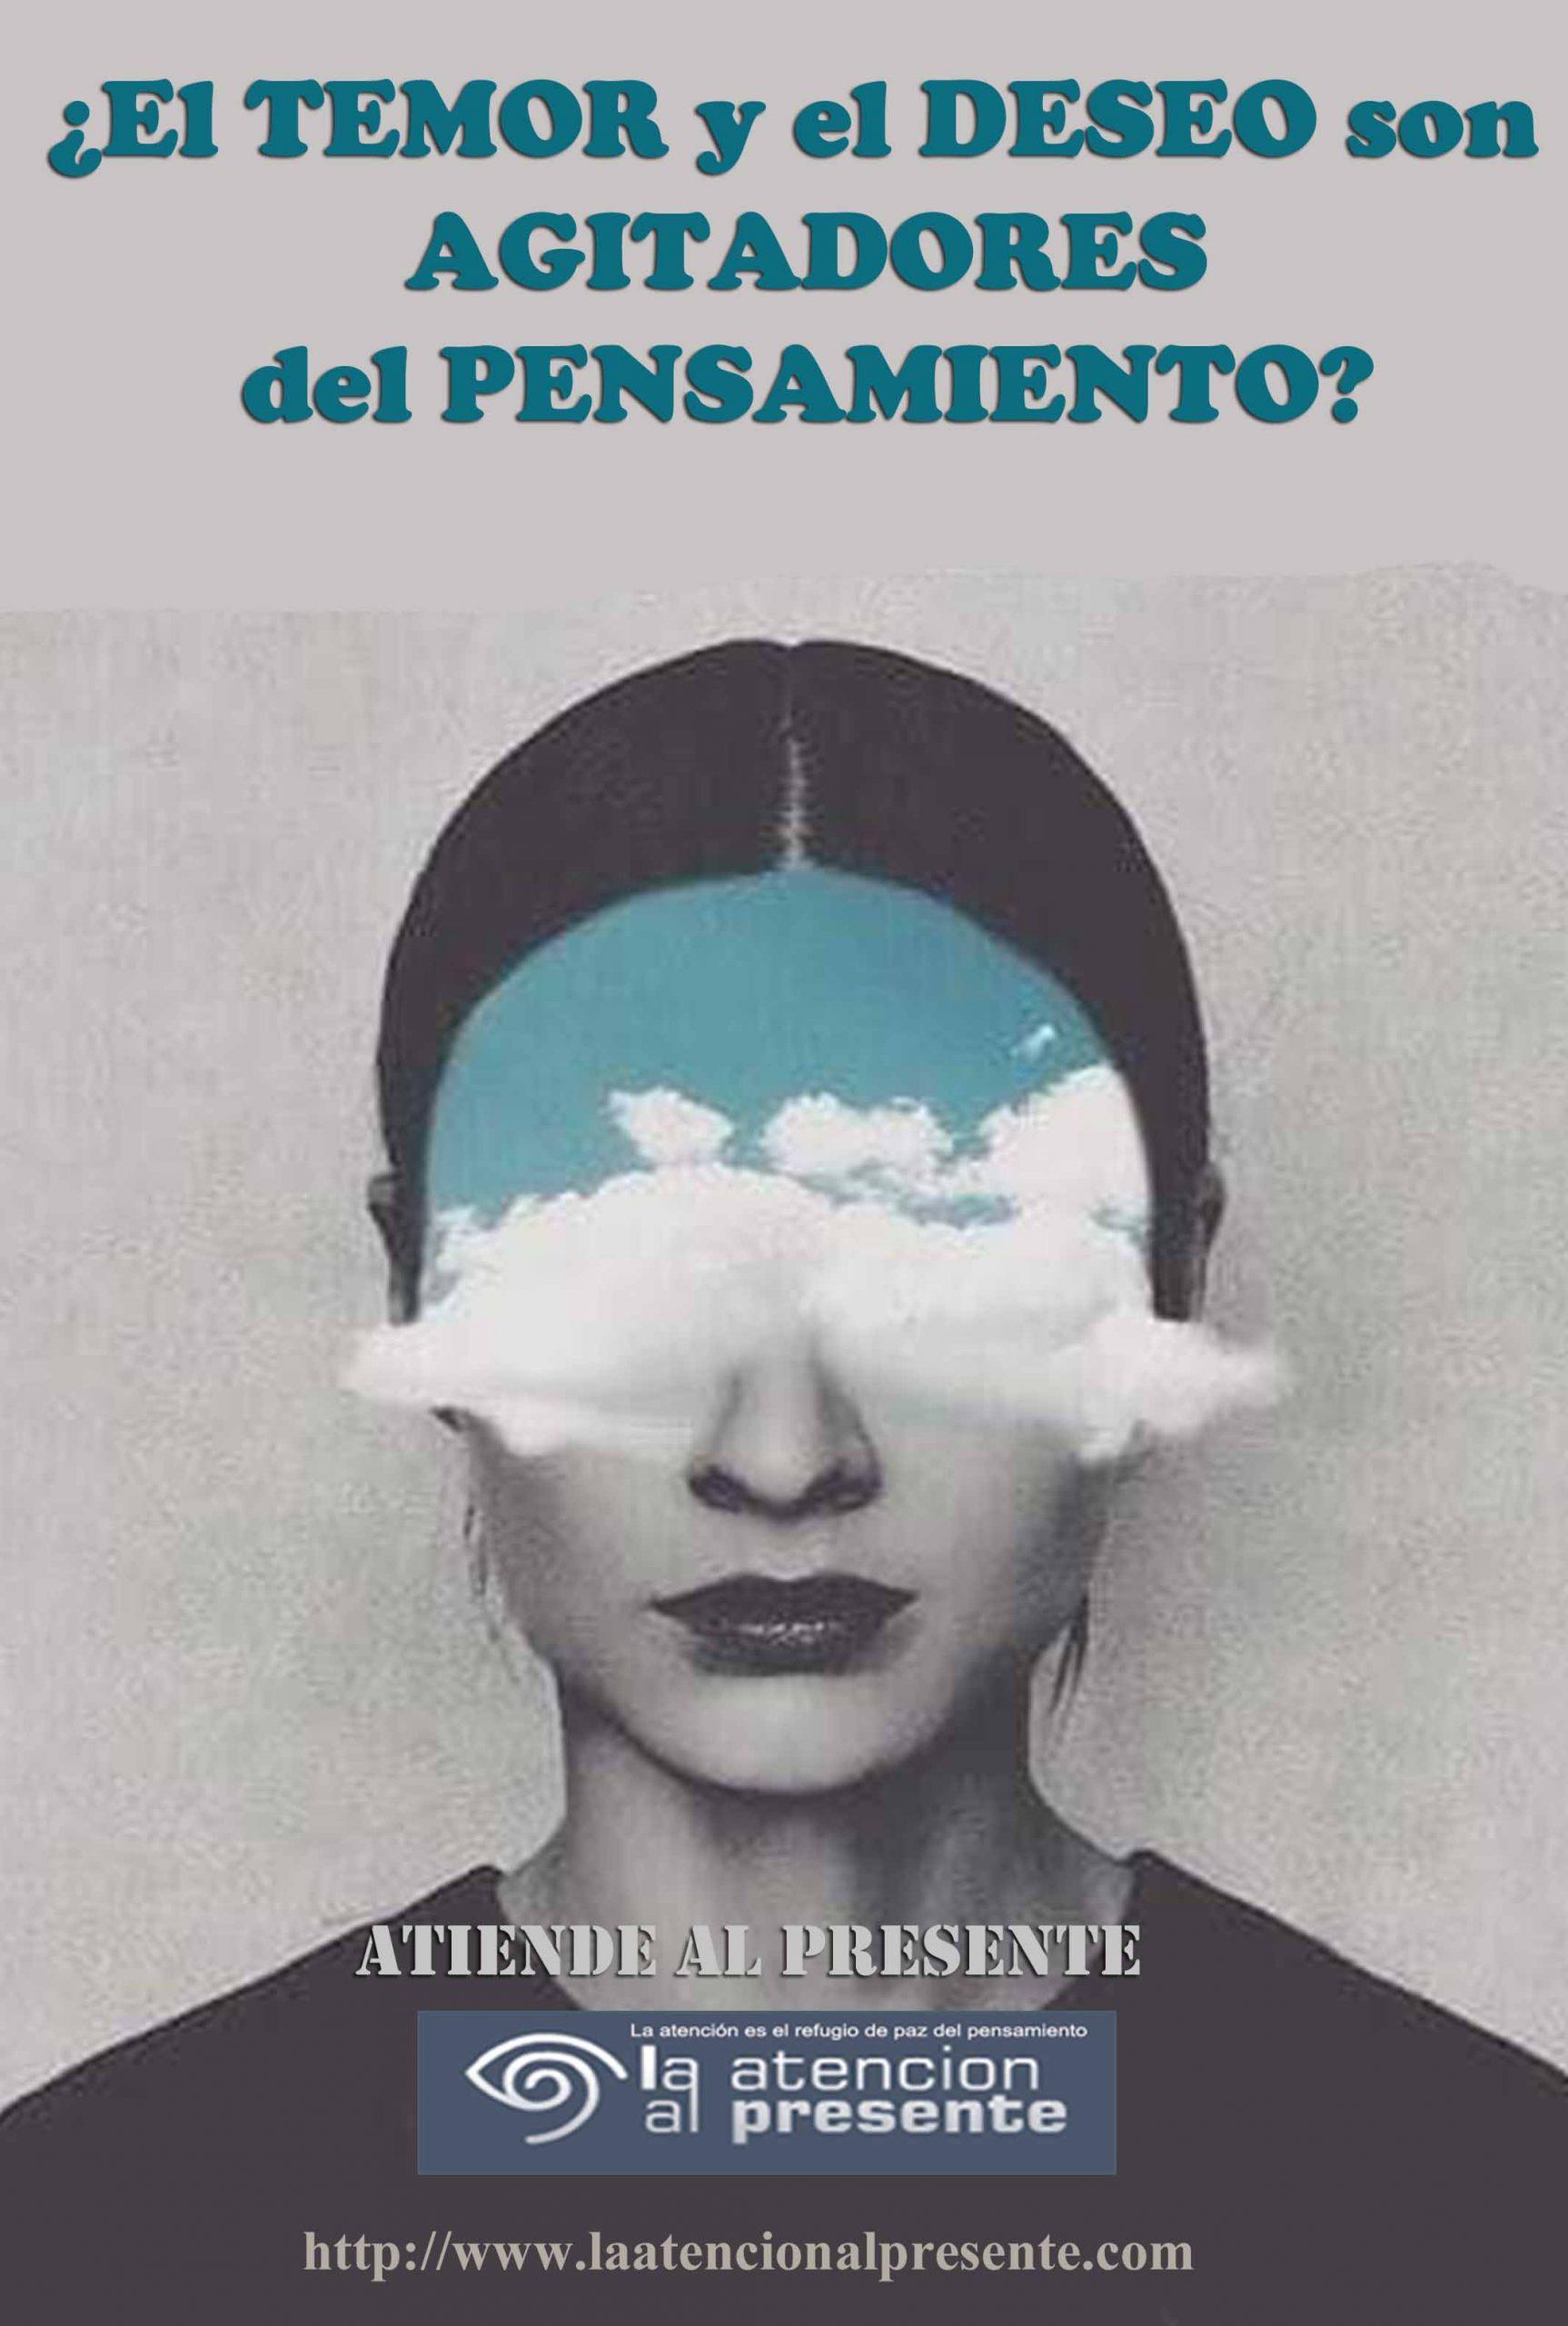 30 de Junio Esteban El TEMOR y el DESEO son los AGITADORES dell PENSAMIENTO min scaled